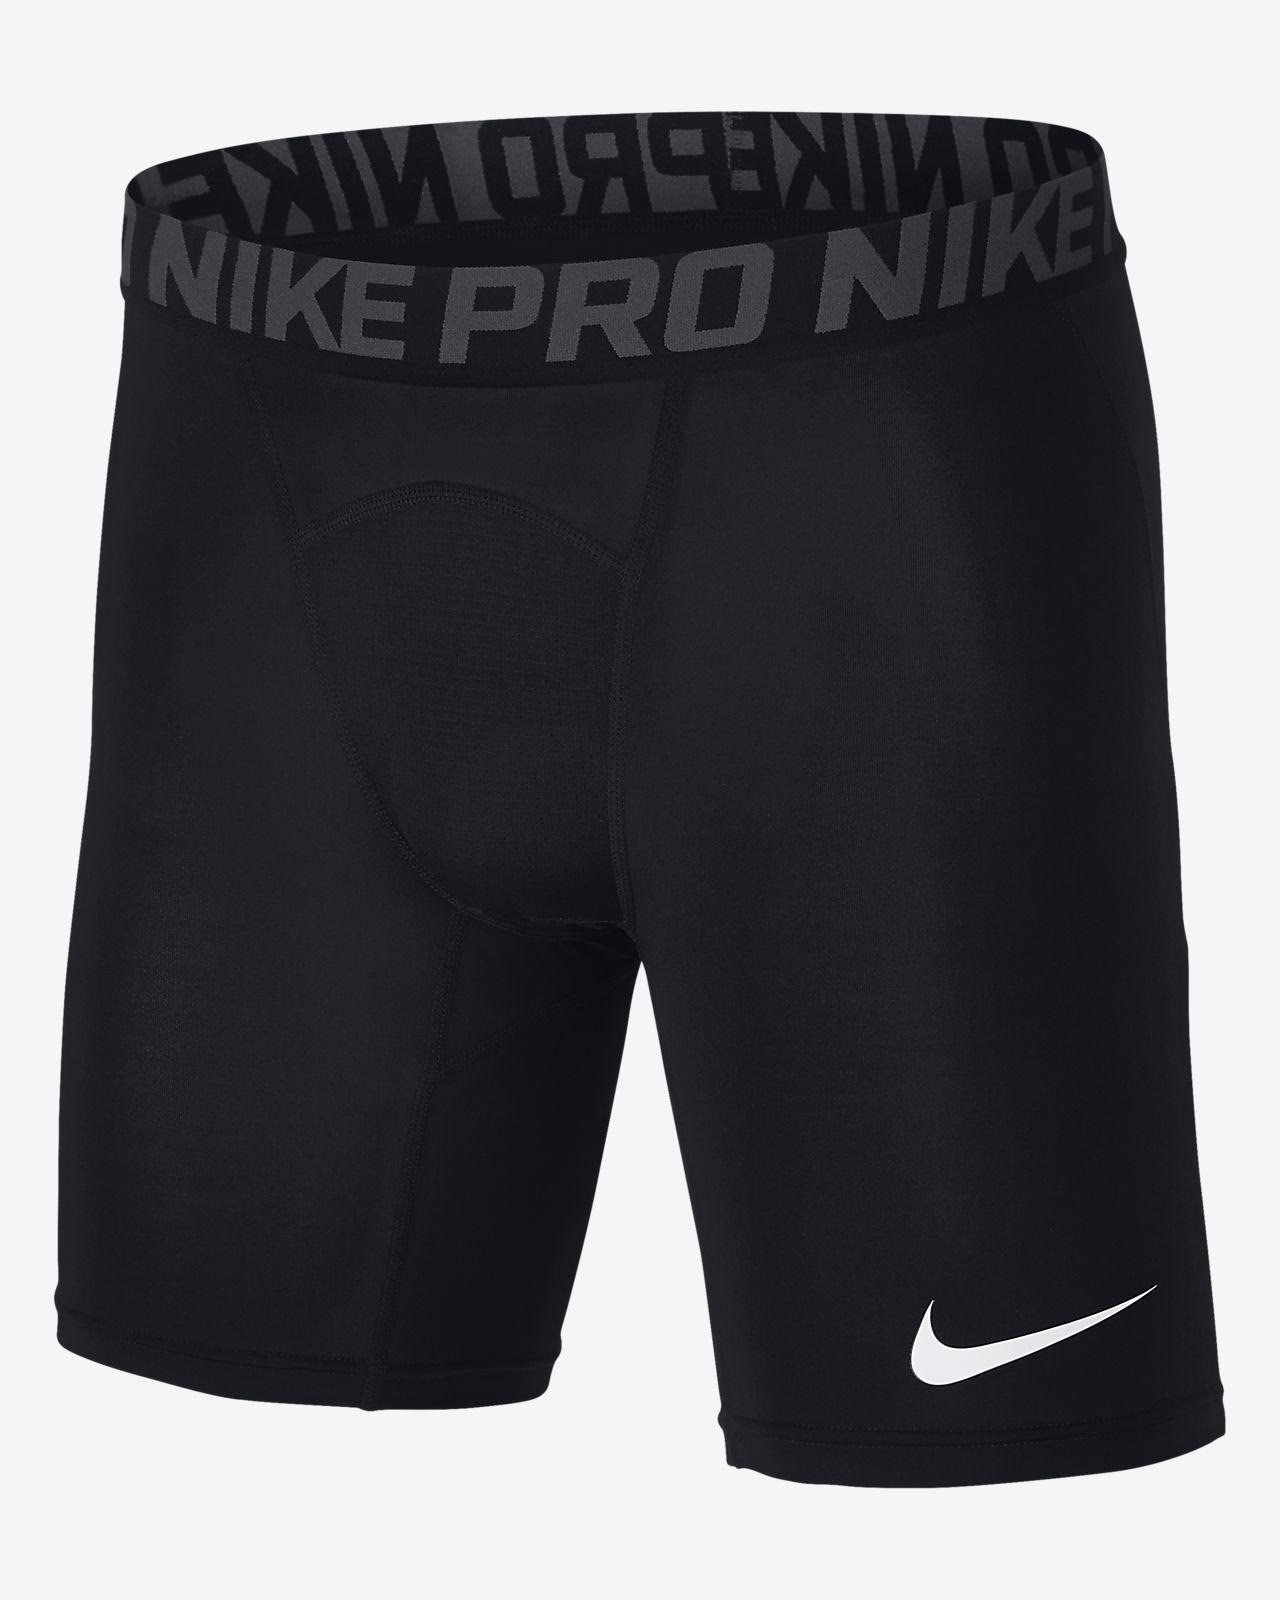 Ανδρικό σορτς προπόνησης Nike Pro 15 cm